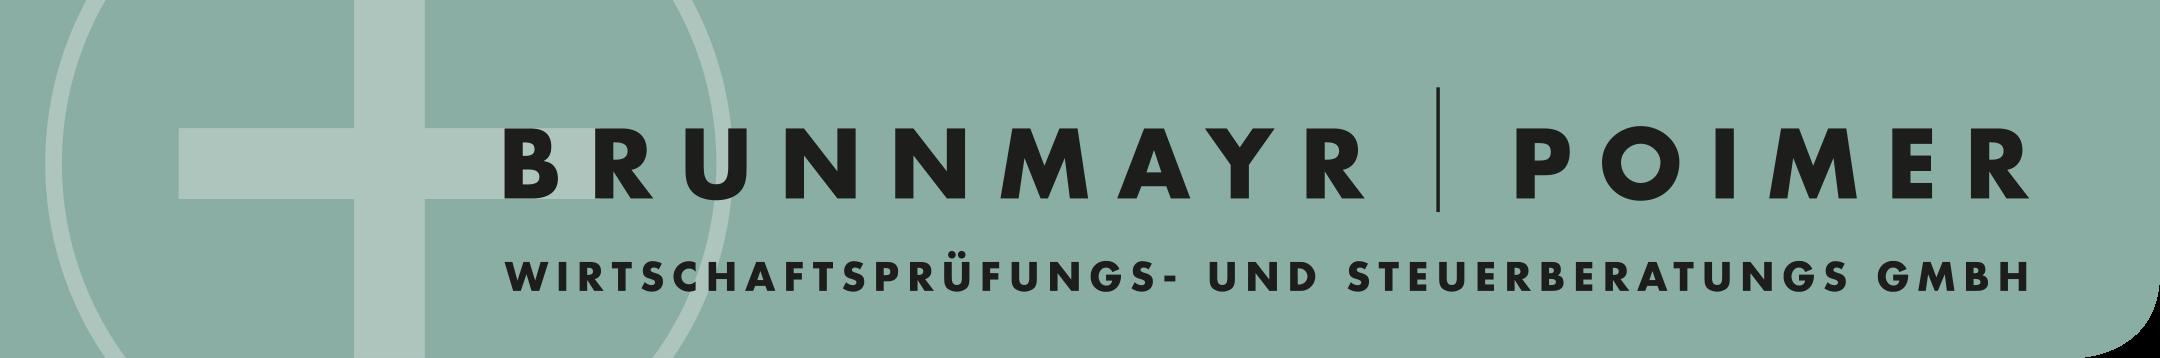 Vermieternews Brunnmayr Poimer Wirtschaftsprüfungs Und